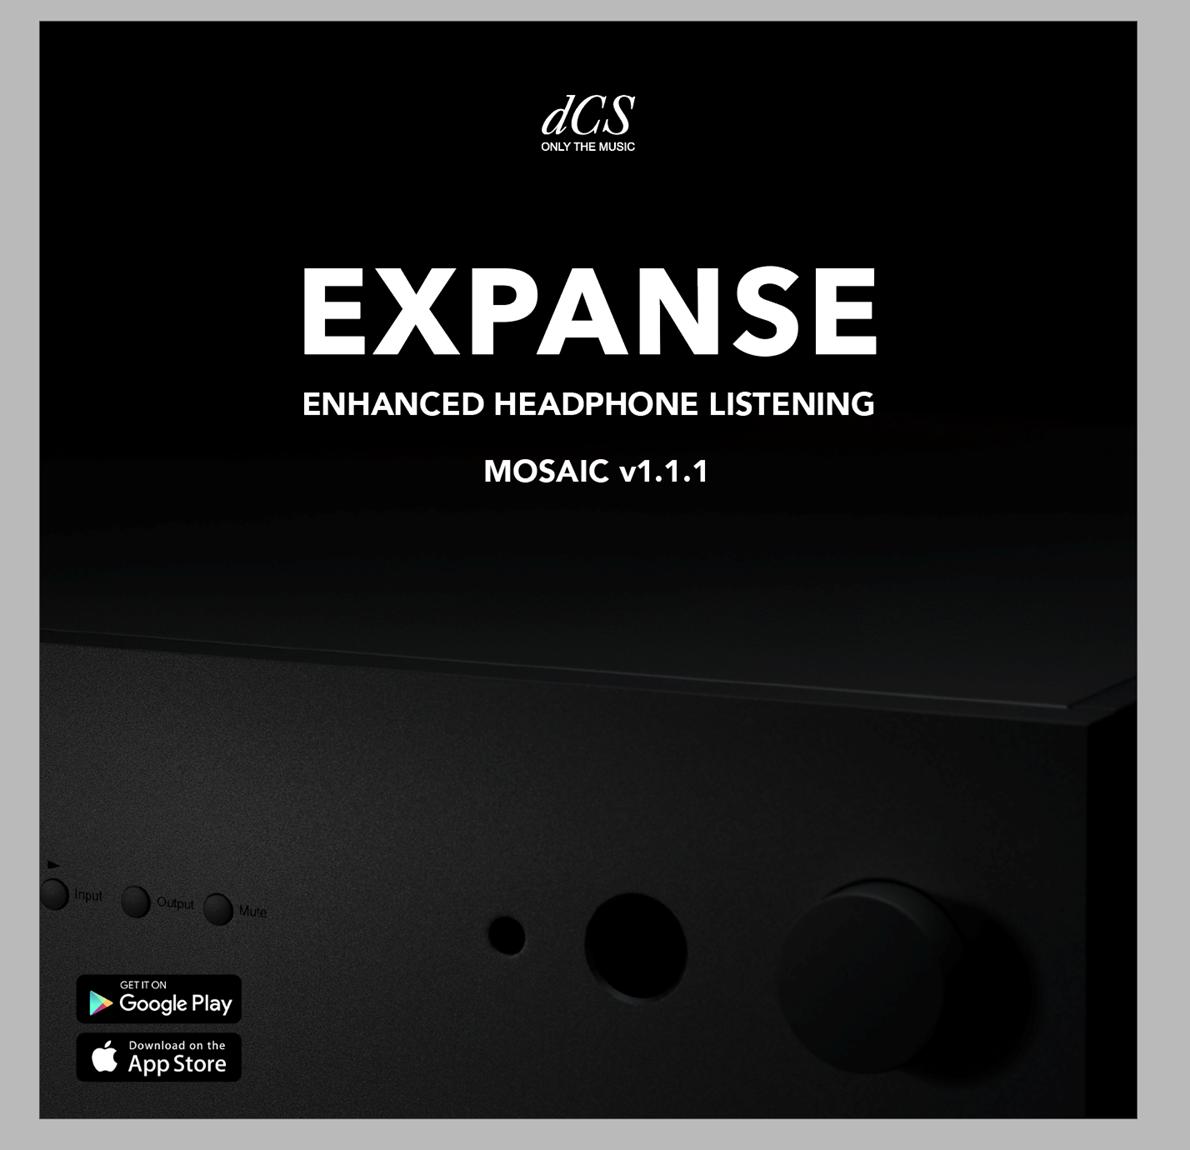 dCS Expanse